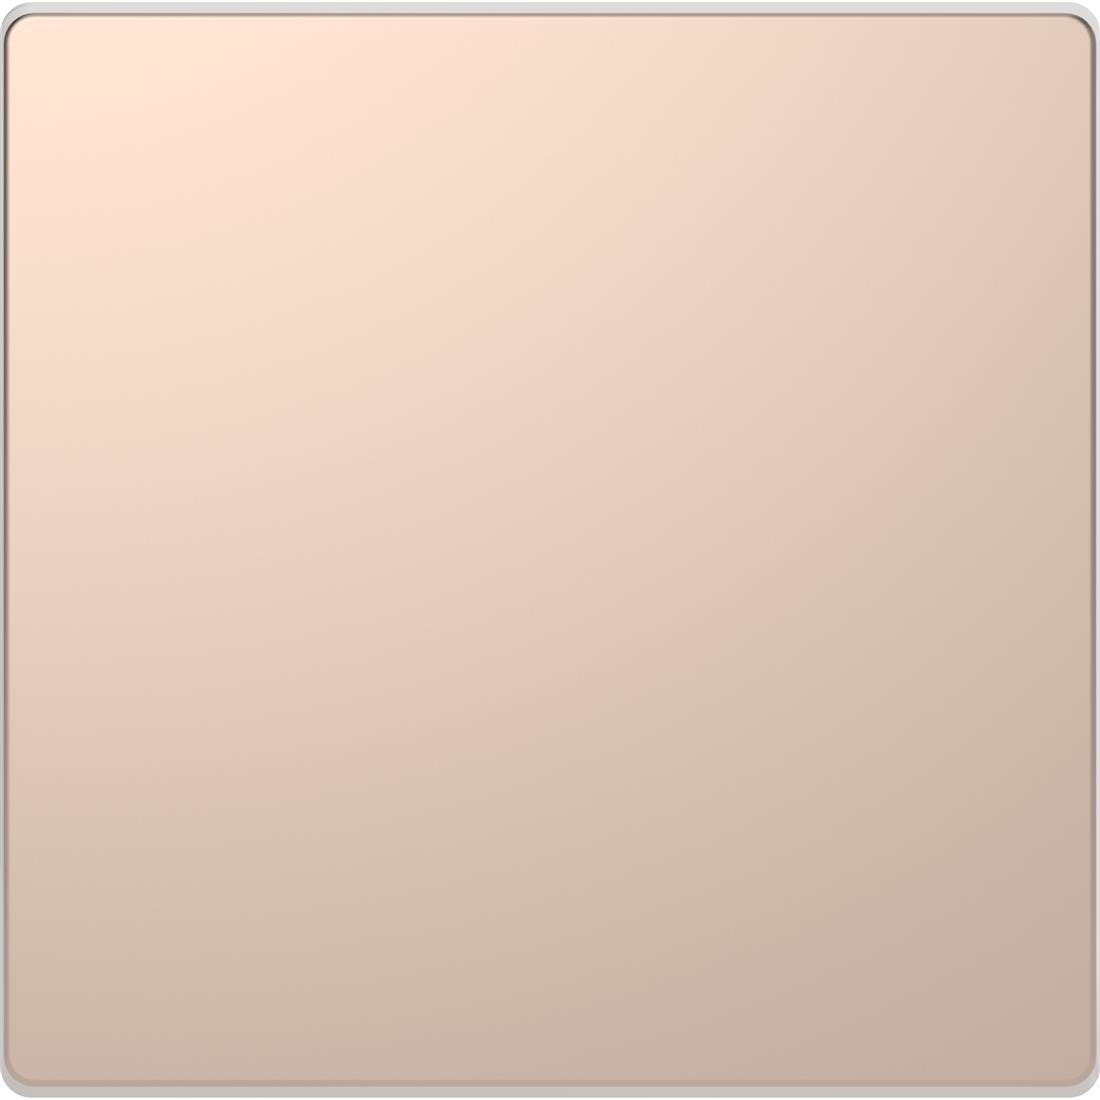 Schneider-Merten D Life blindplaat - champagne metallic (MTN4075-6051)